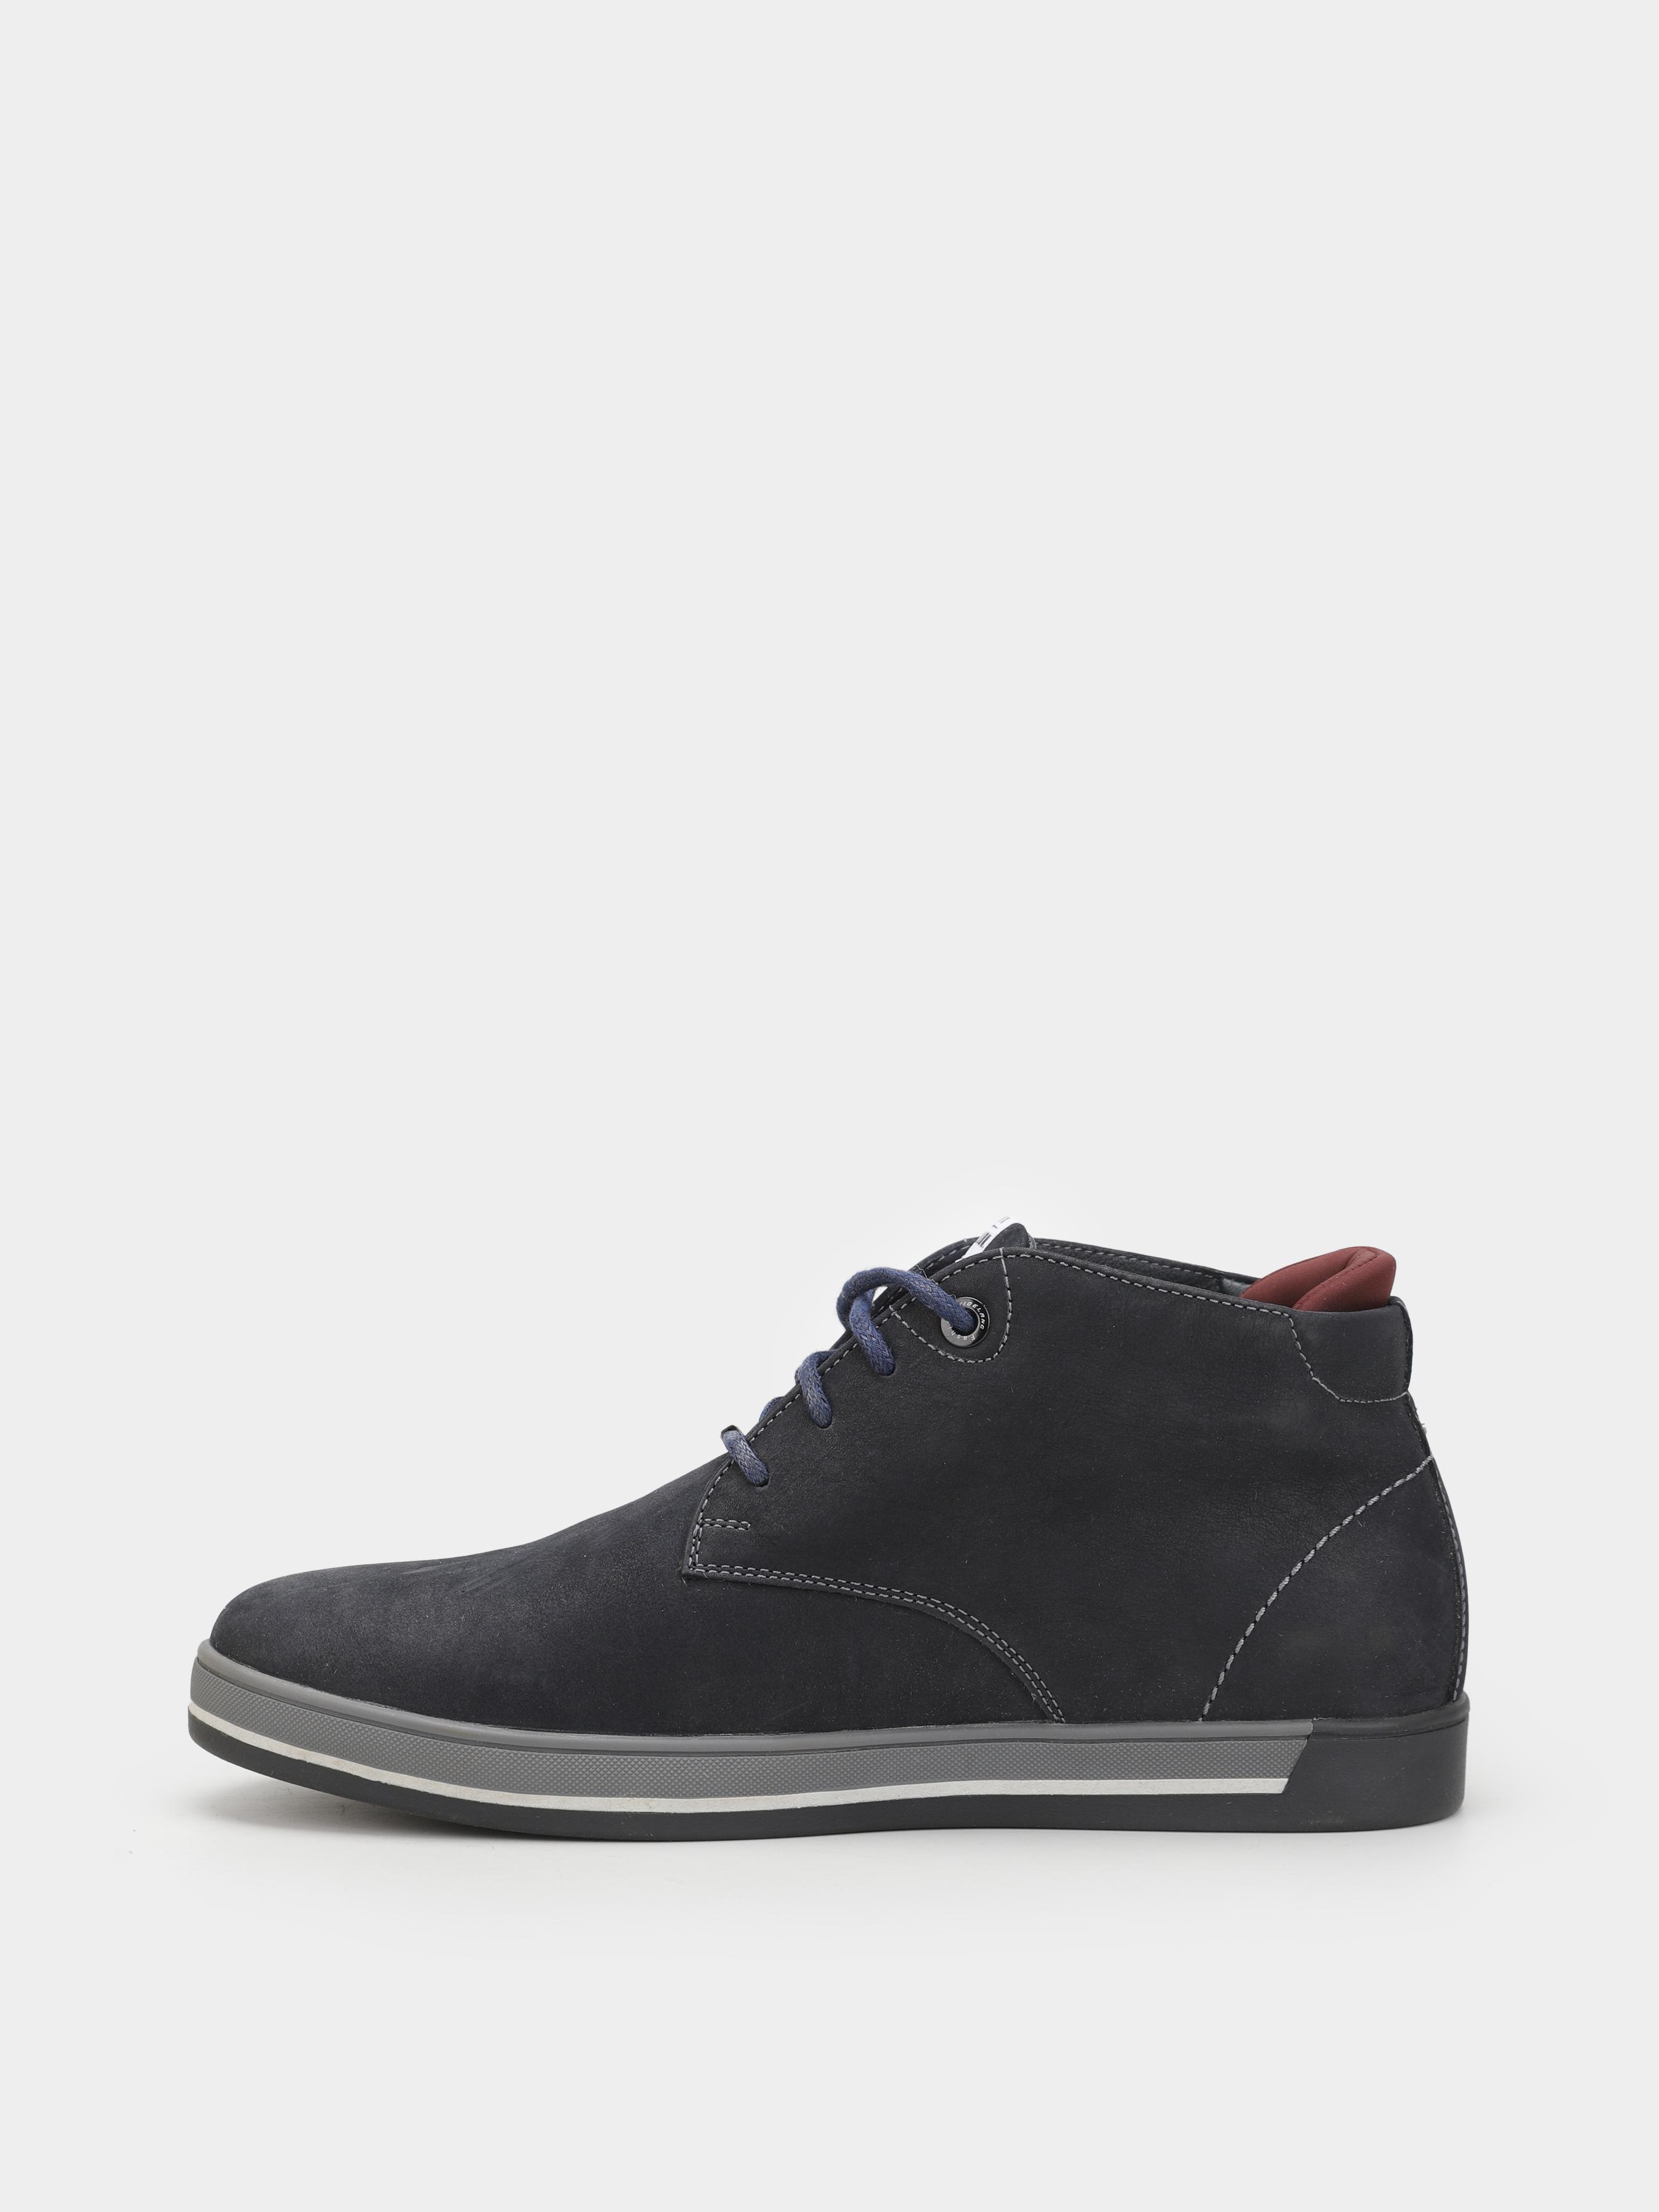 Напівчеревики  для чоловіків Davis dynamic shoes 1909-63 дивитися, 2017